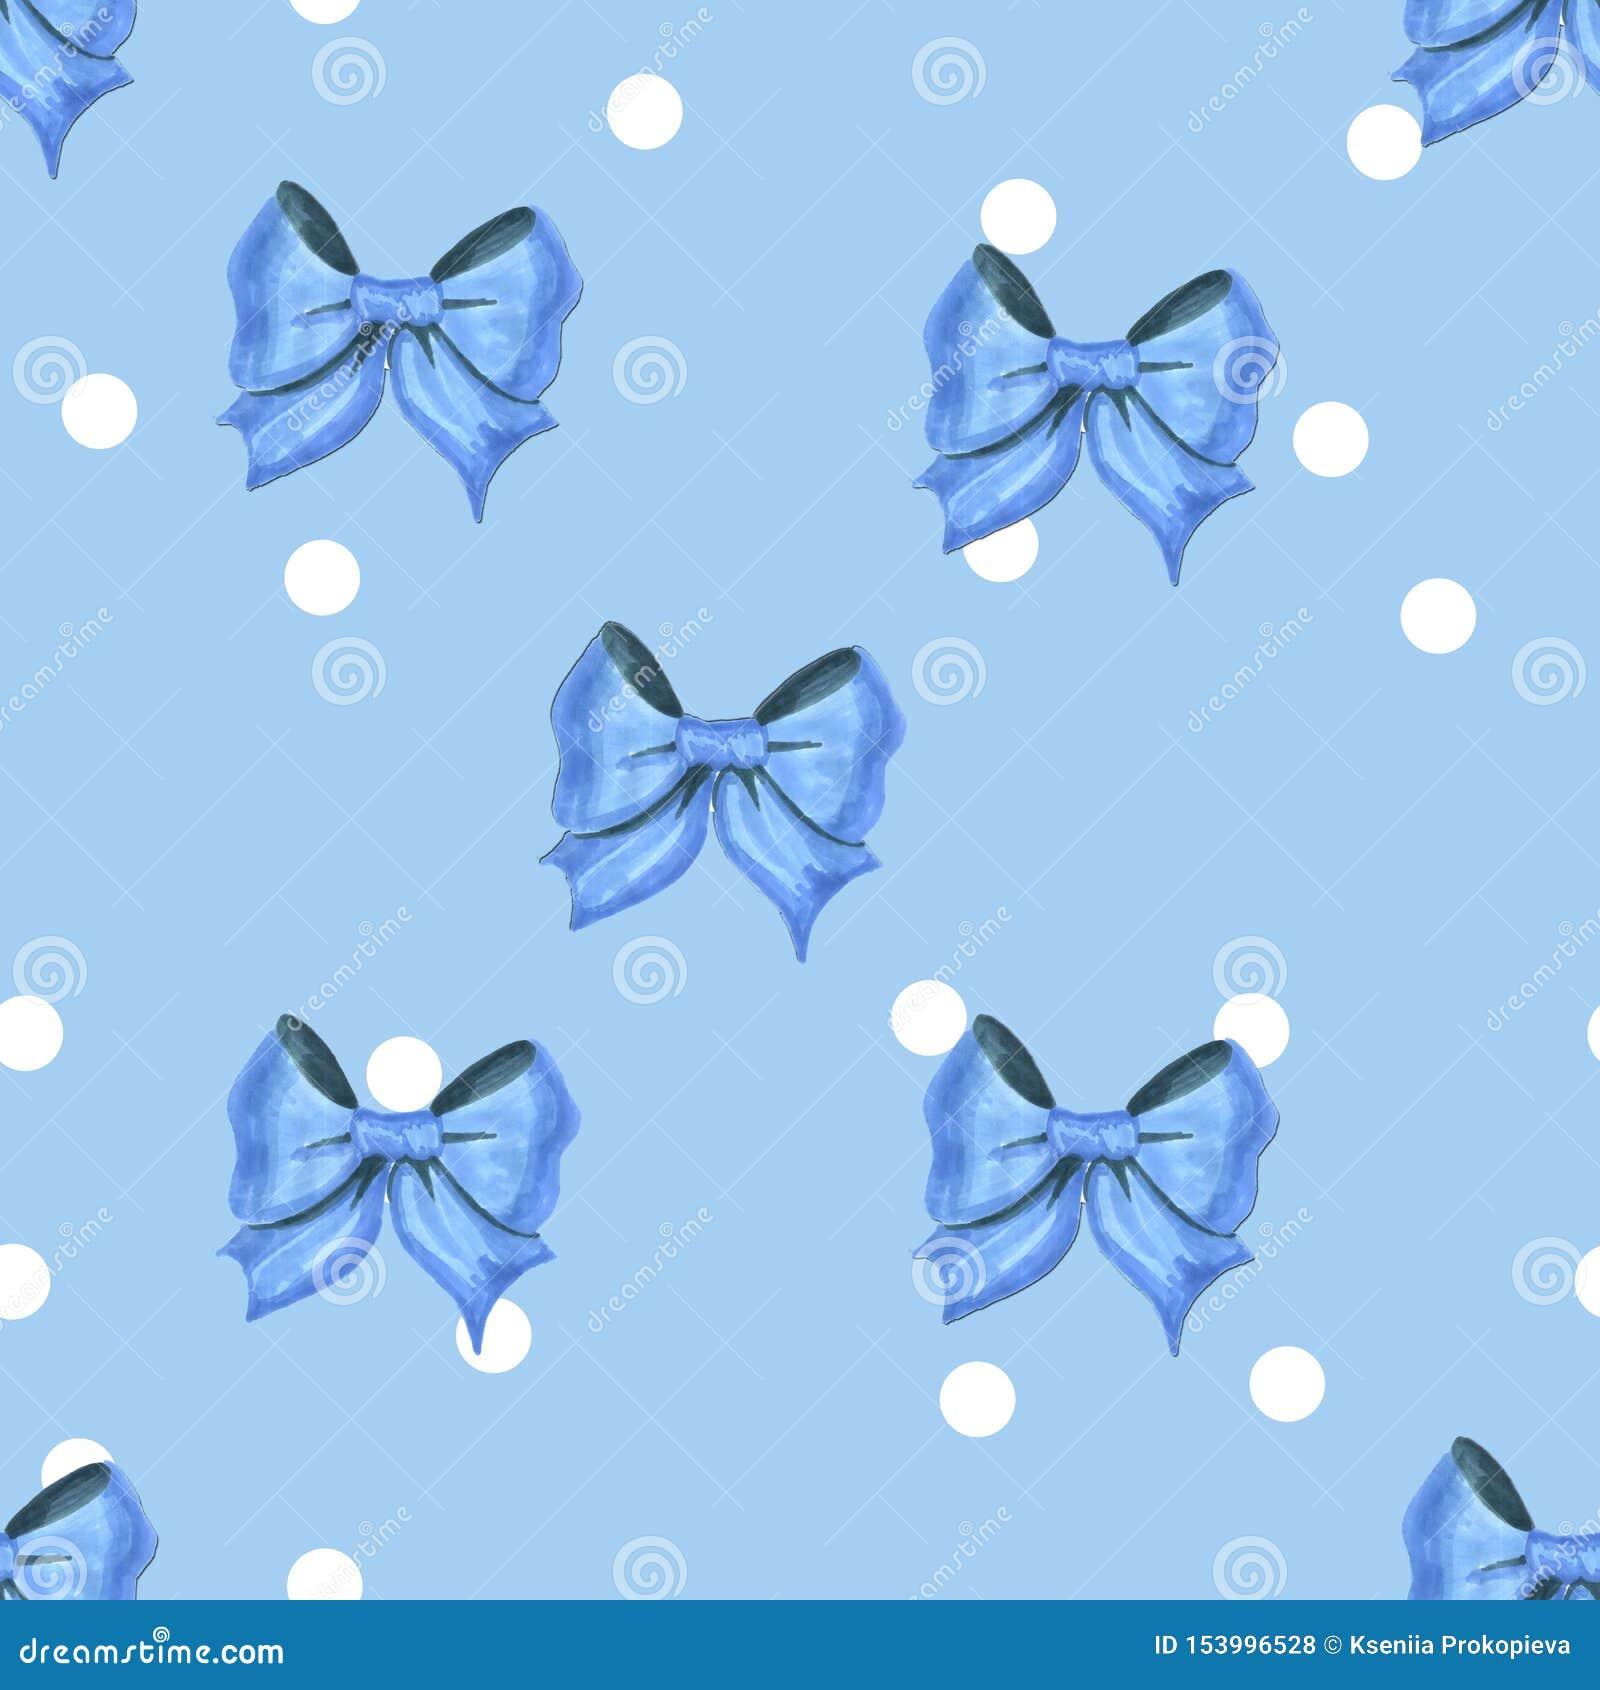 Blaues Muster der Weinlese mit weißen Punkten und blaue Bogengrafik